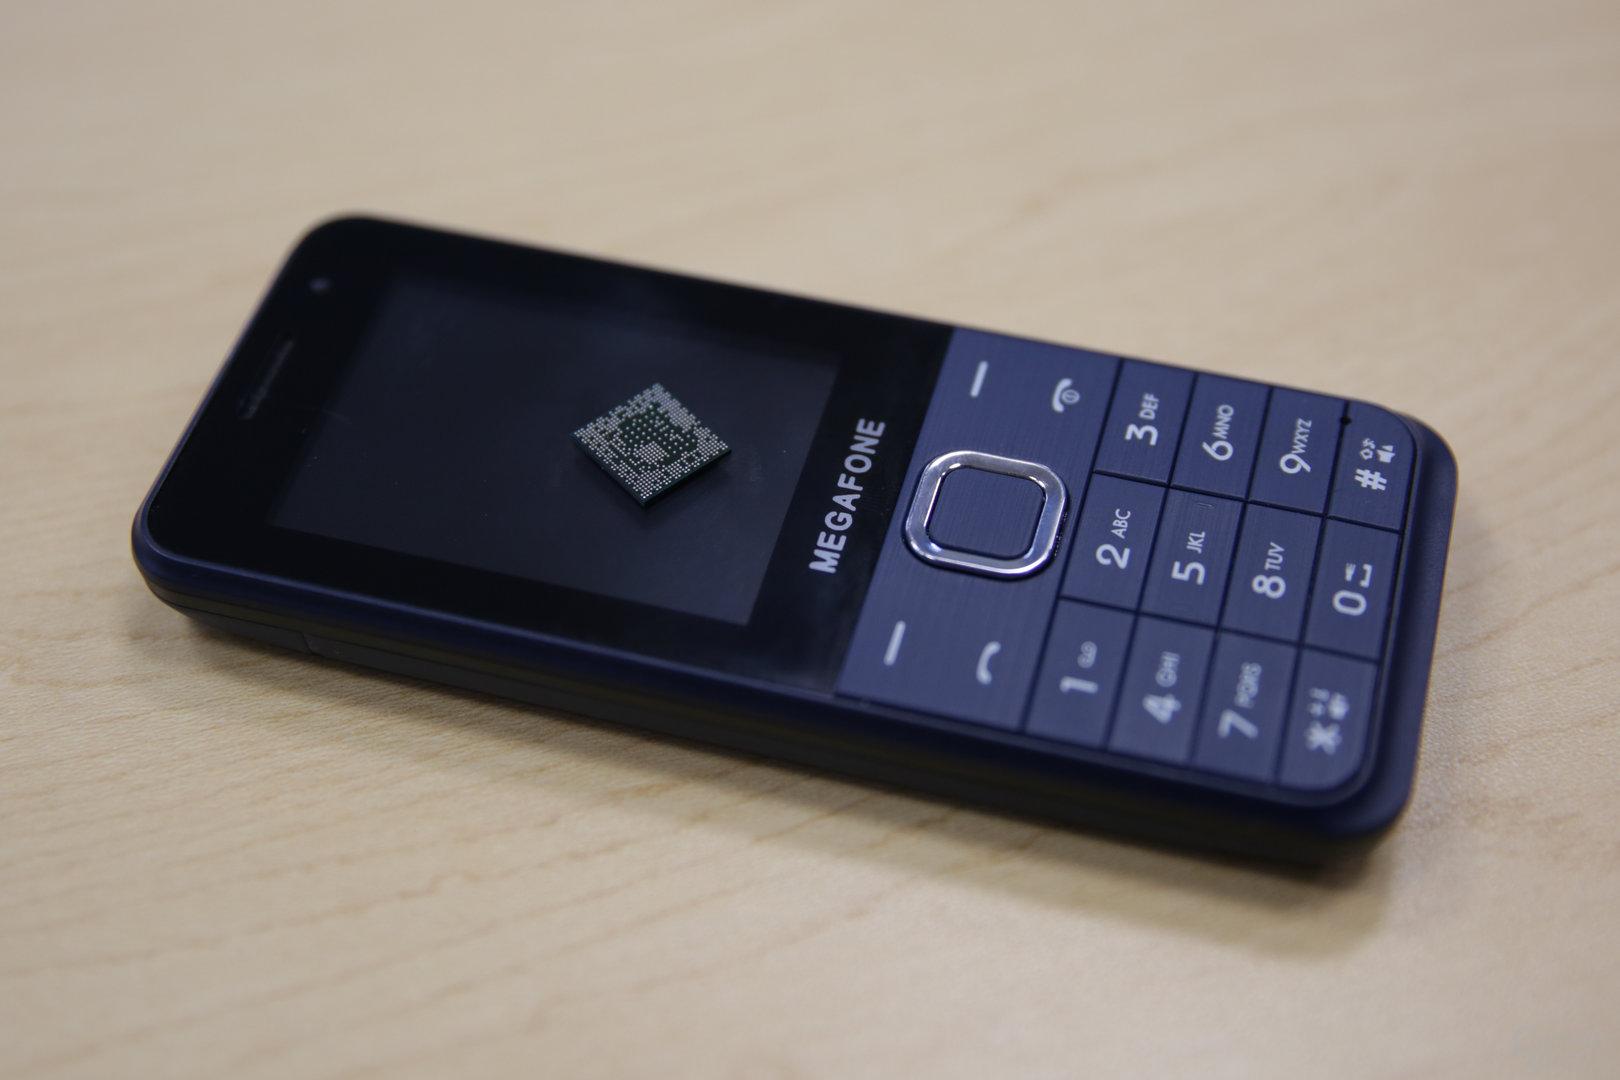 Feature Phone mit Qualcomm 205 Mobile Platform